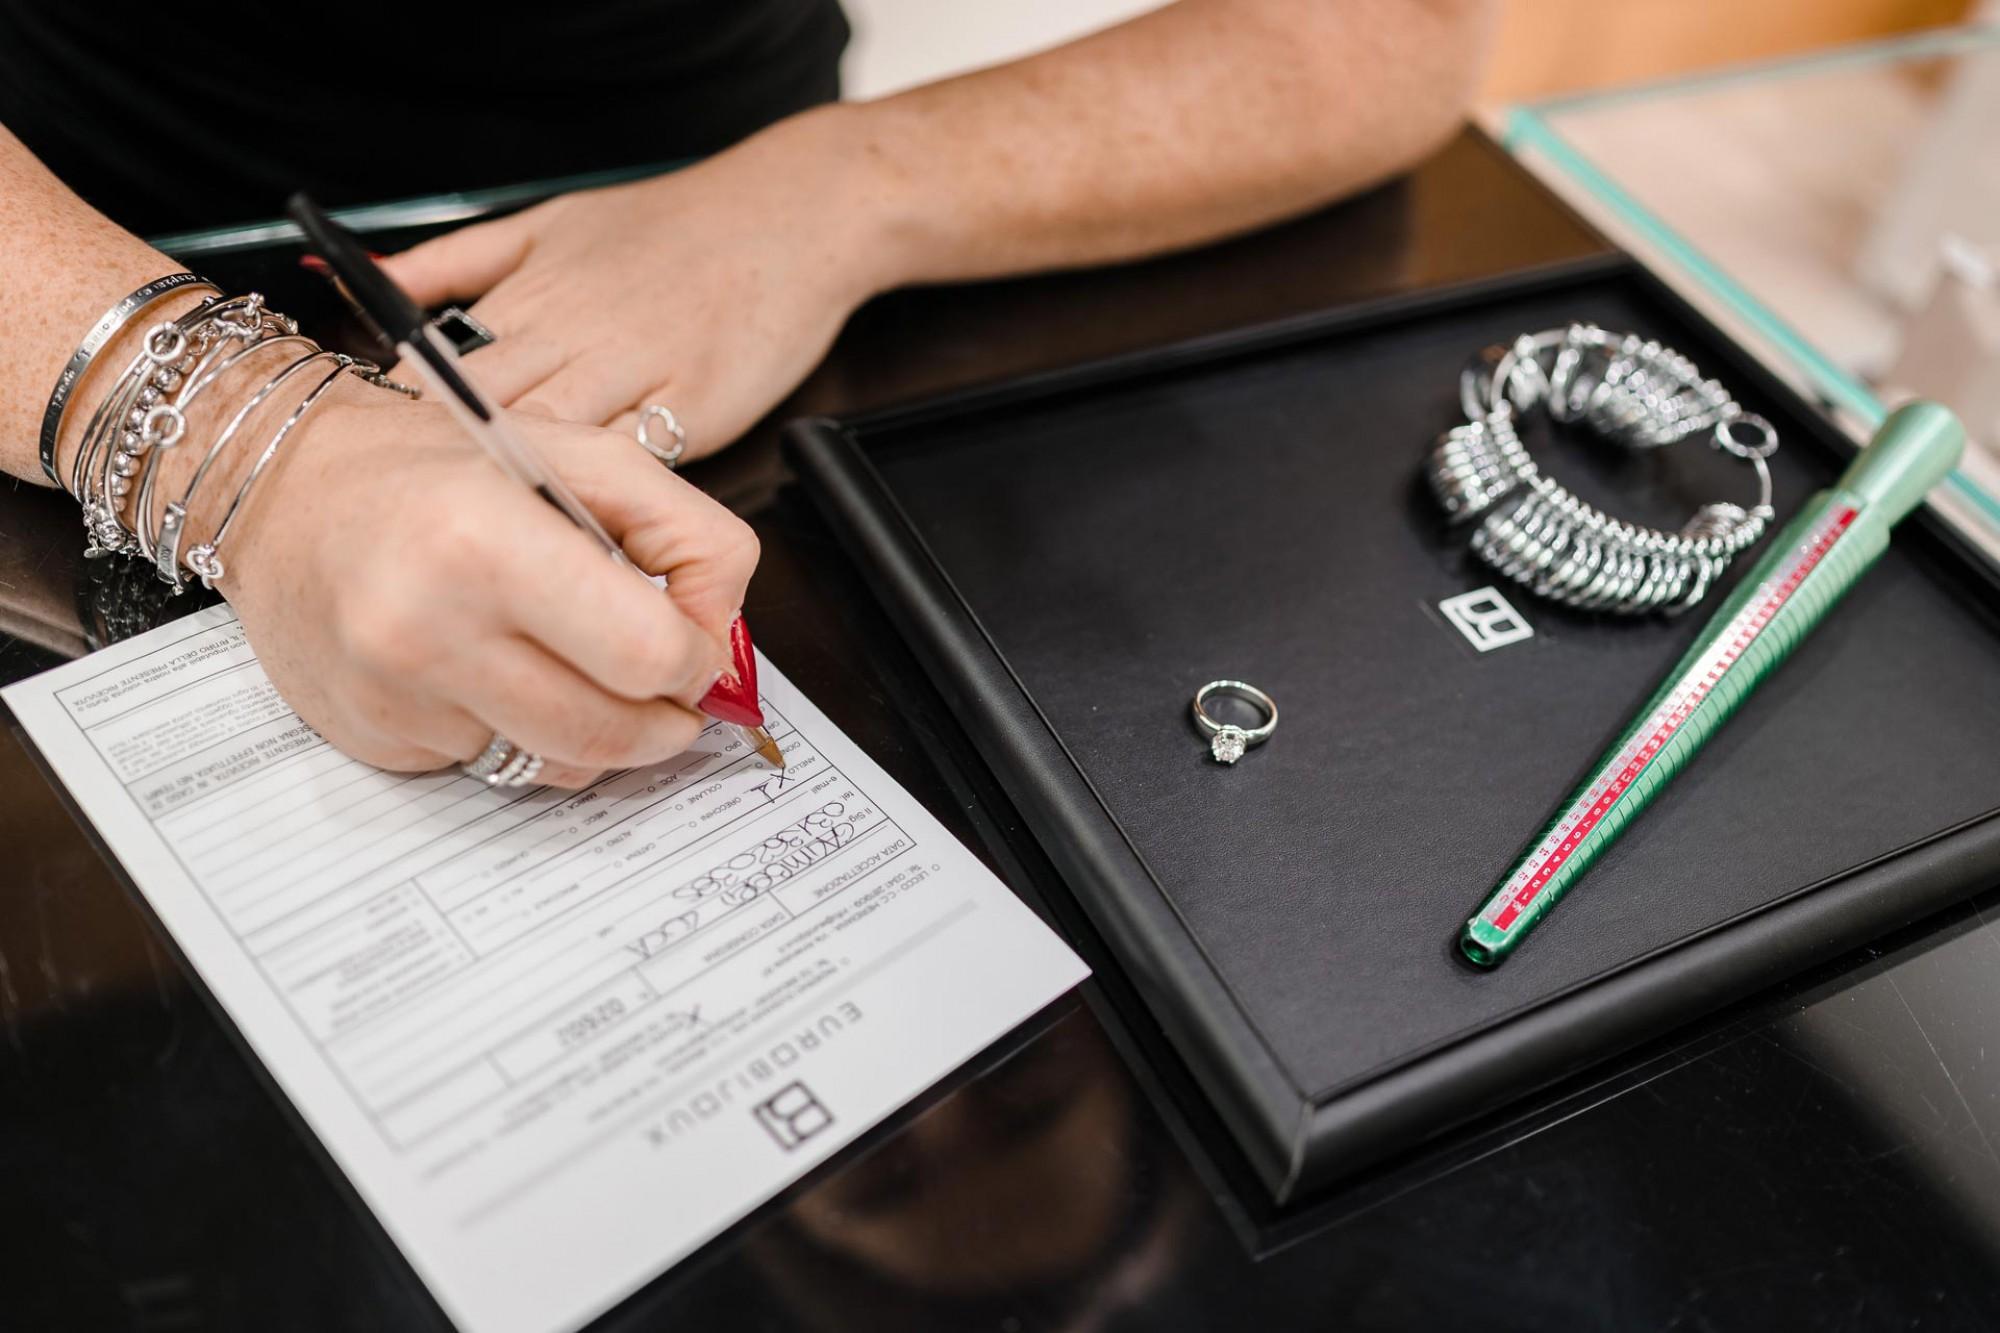 eurobijoux gioielleria laboratorio orafo specializzato